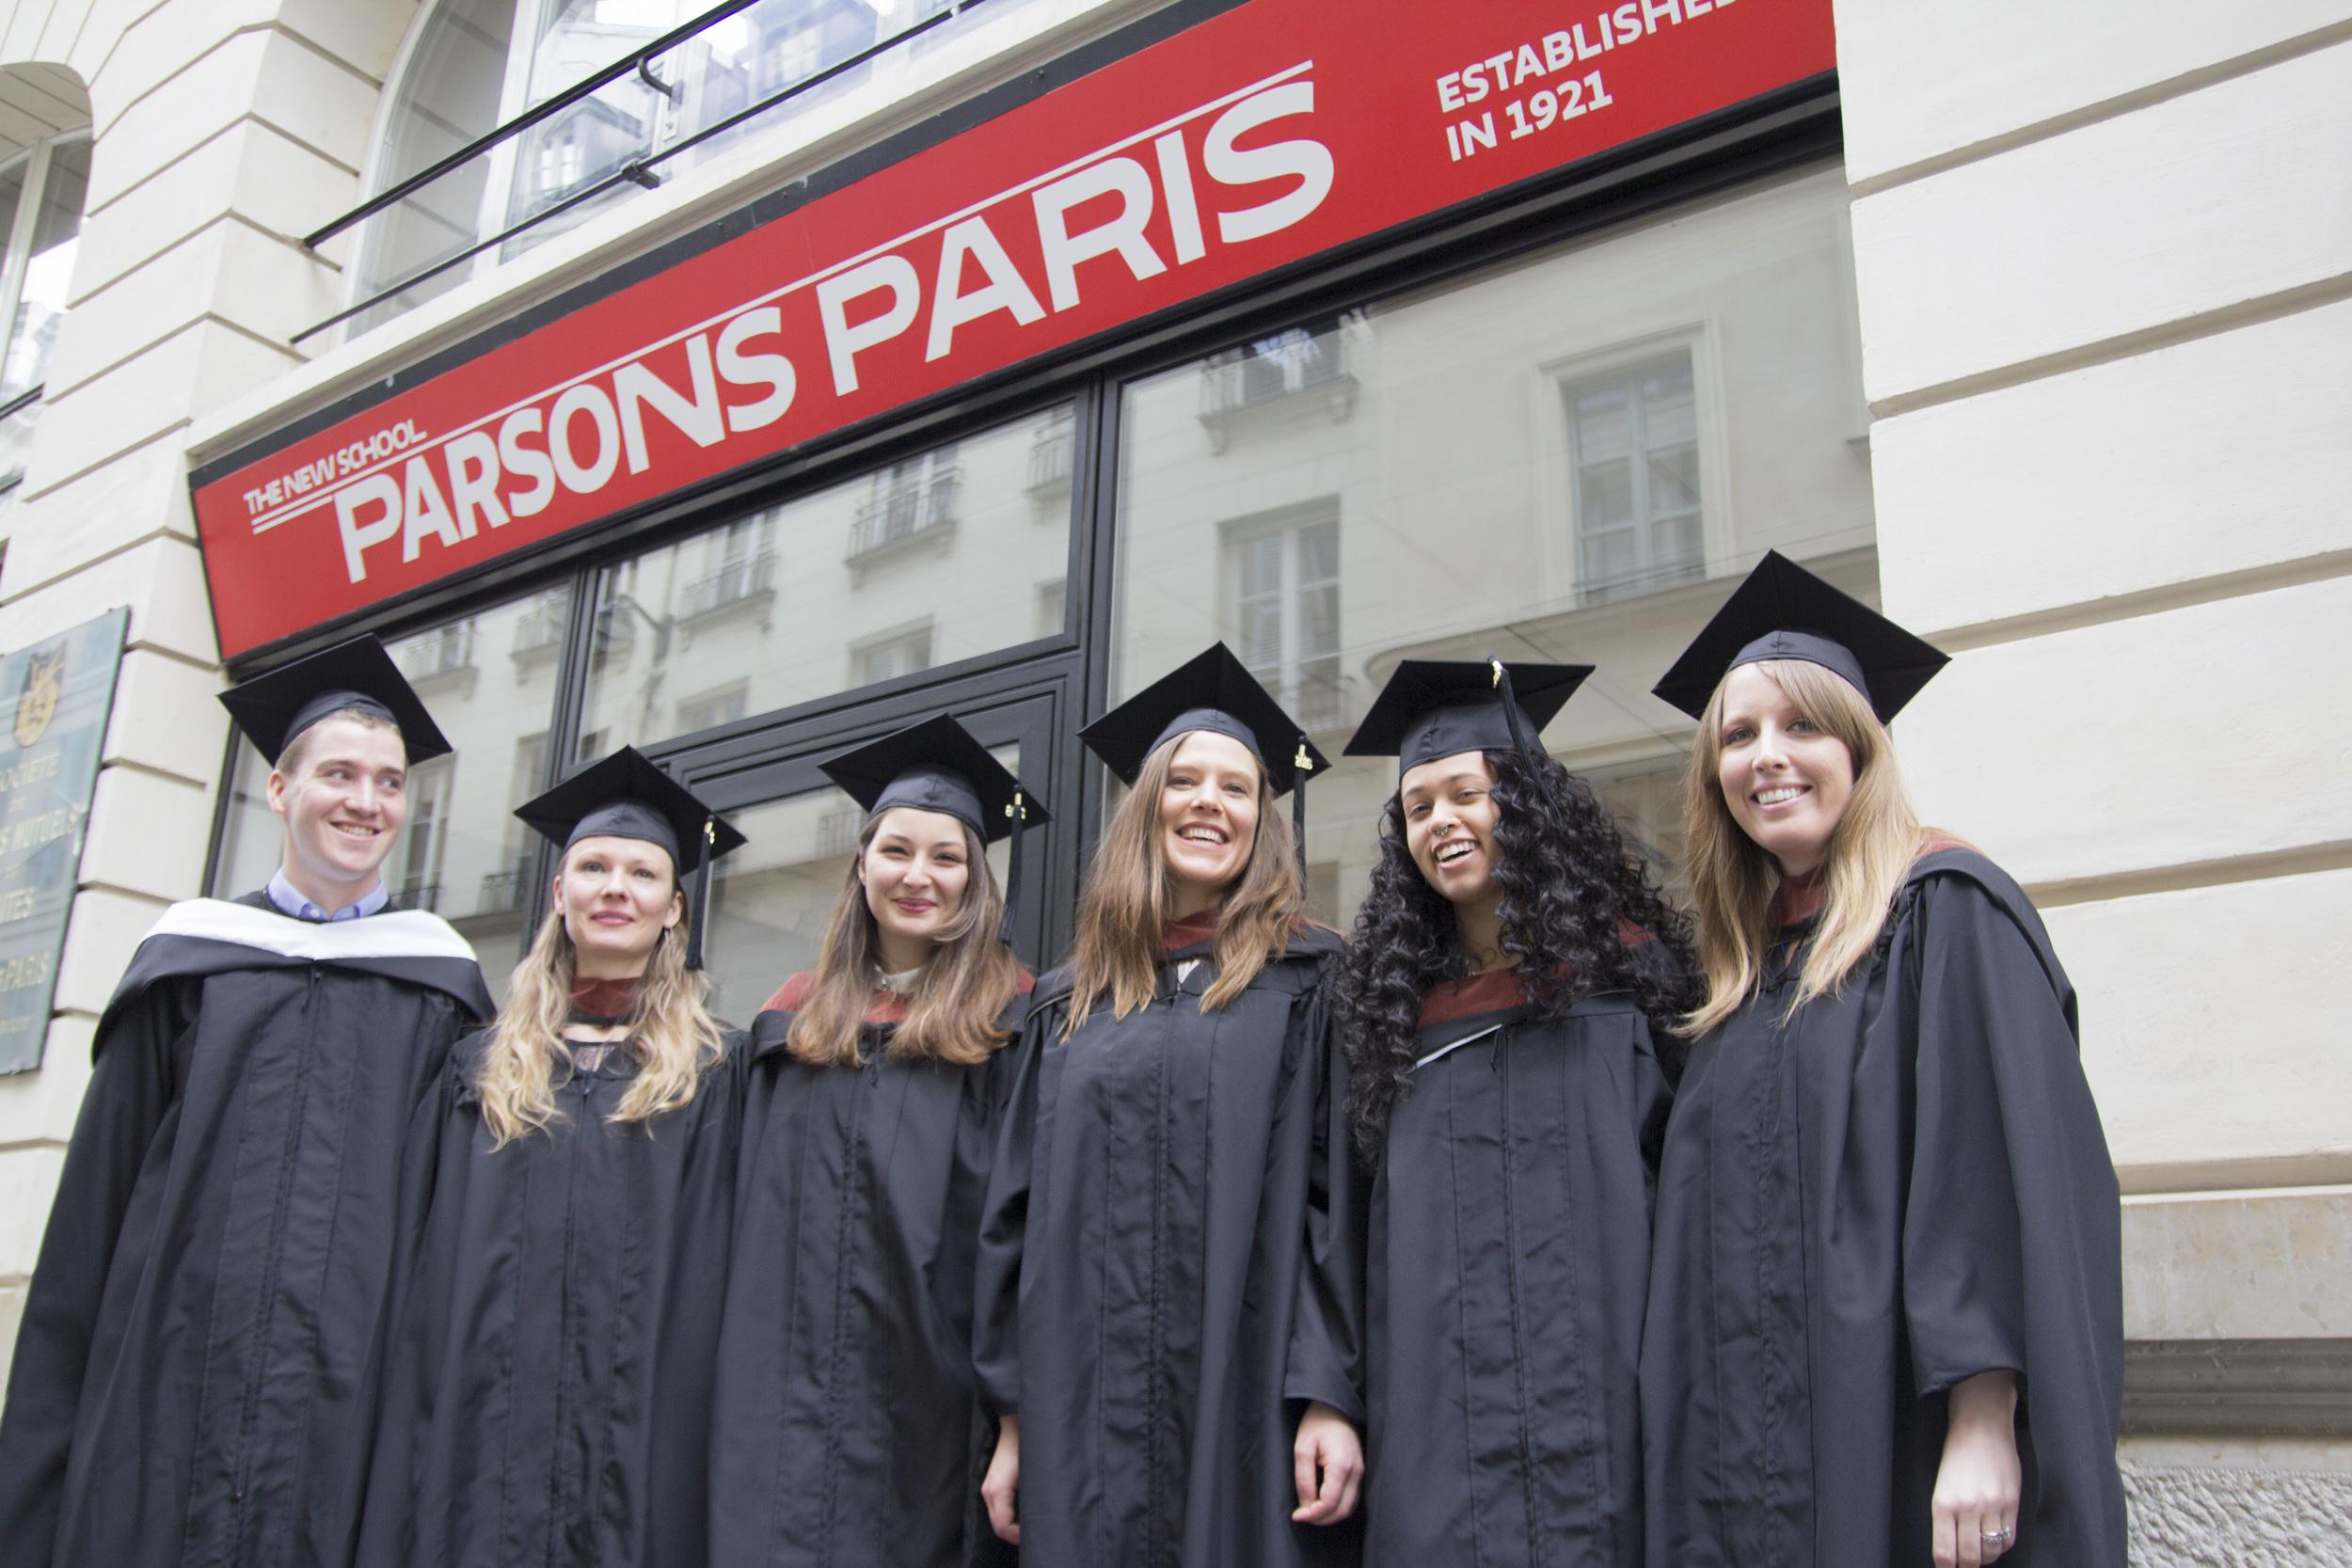 TNS_ParsonsParis_Graduation_63.jpg